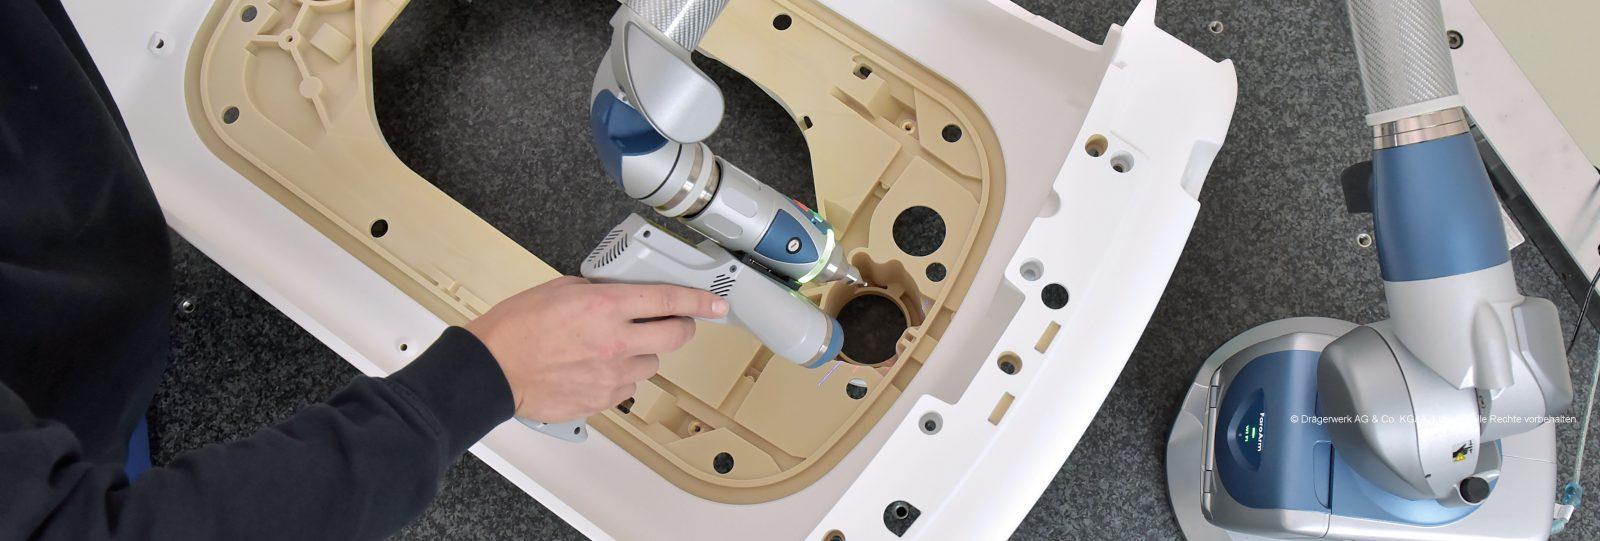 Polyurethan Kunststoffteile Formenbau Werkzeugbau Herstellung Produktion 3D